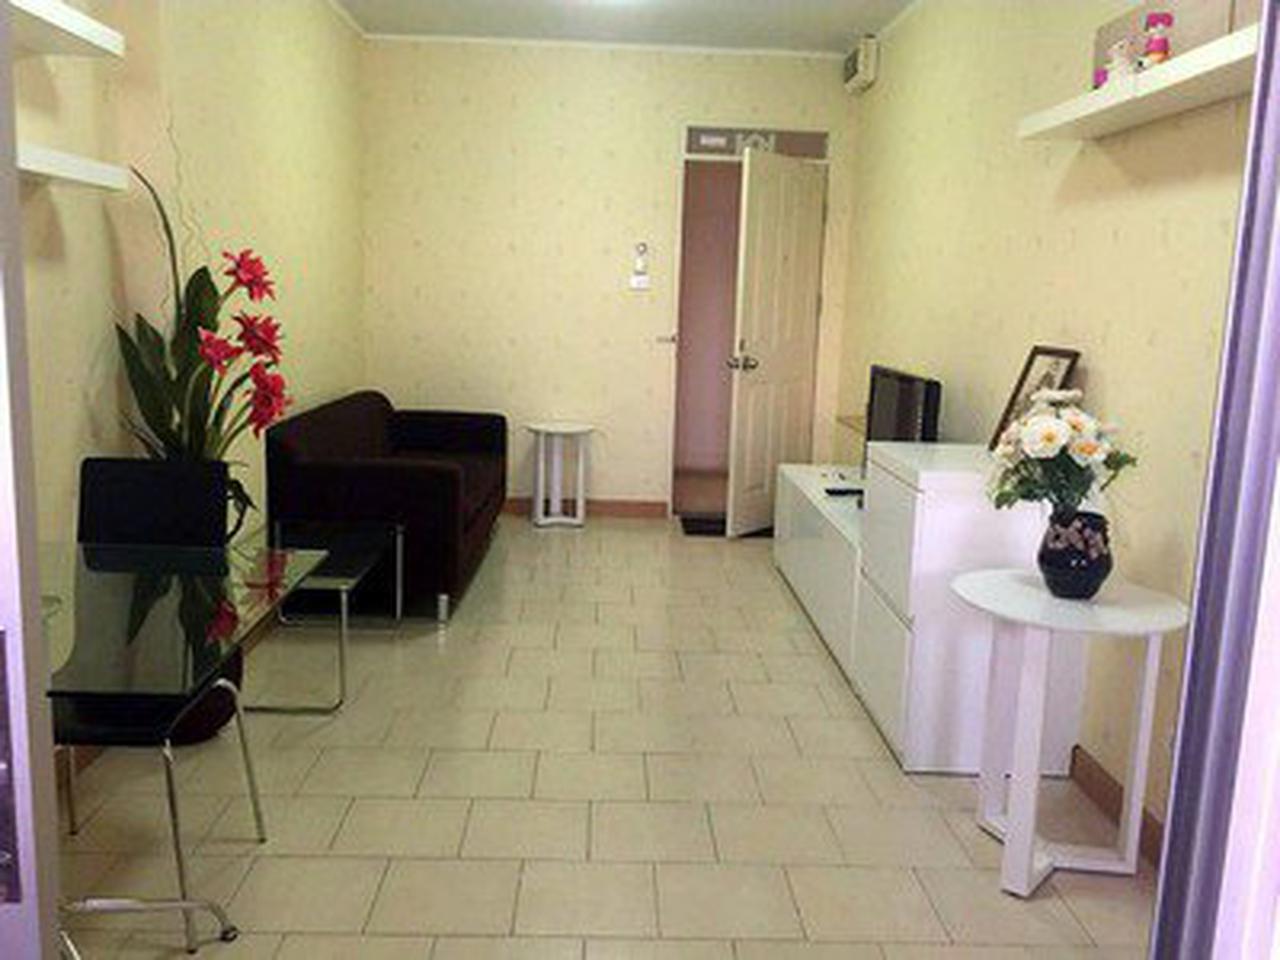 ขาย คอนโด city home รัชดา-ปิ่นเกล้า ราคาถูก รูปที่ 3